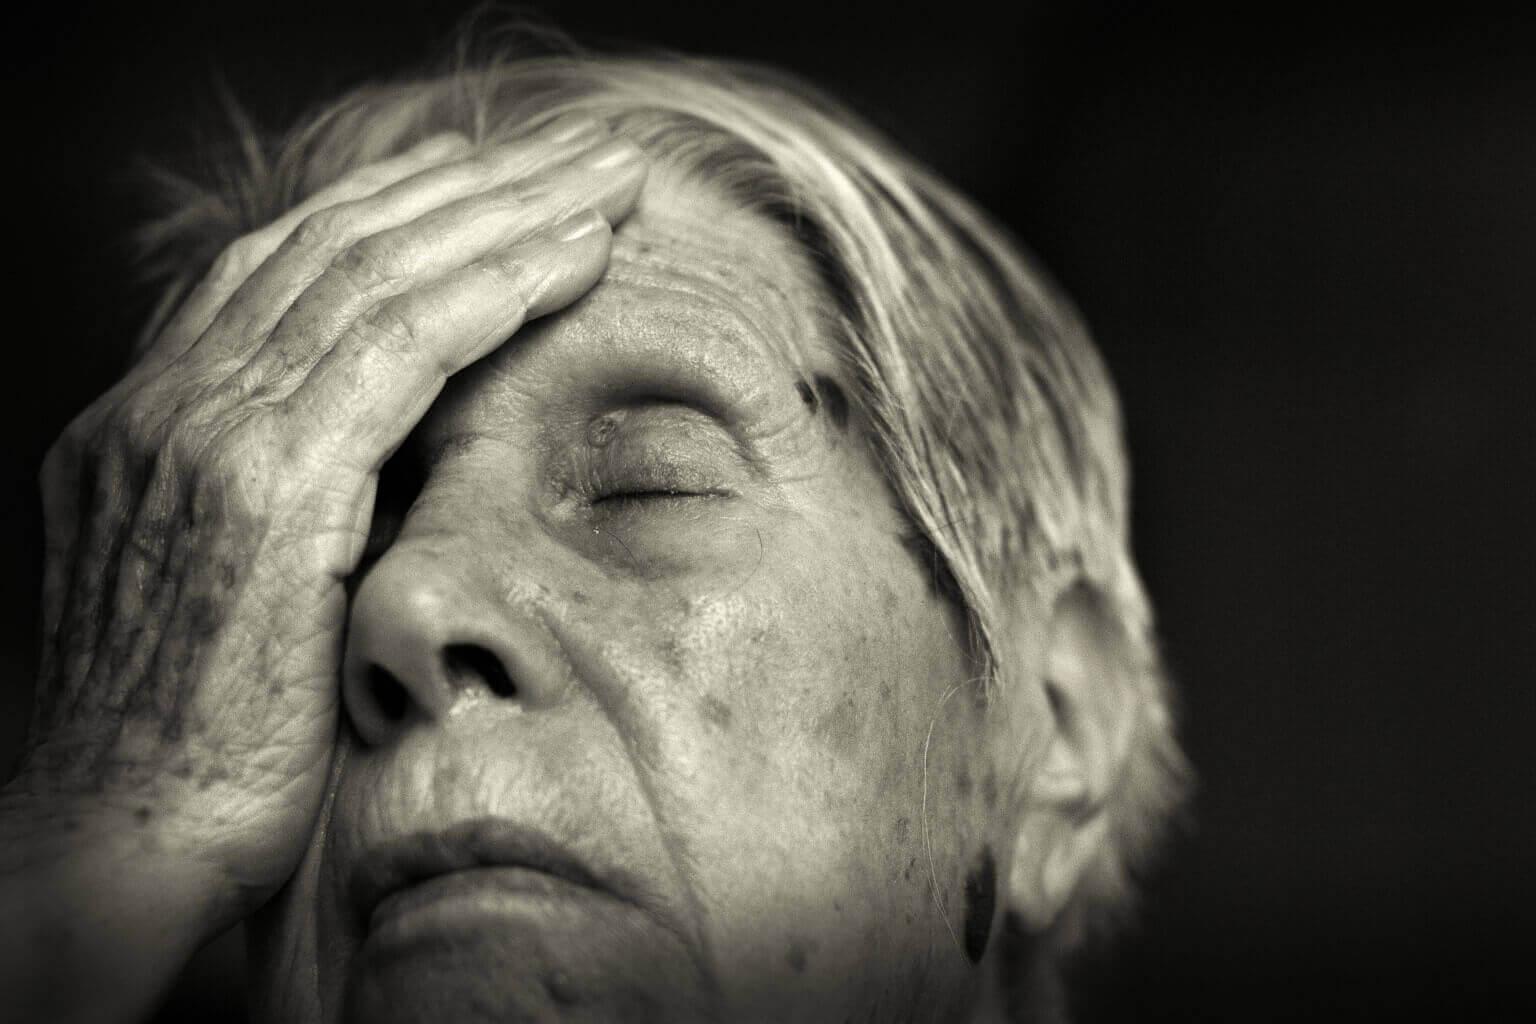 اعراض الزهايمر المبكر